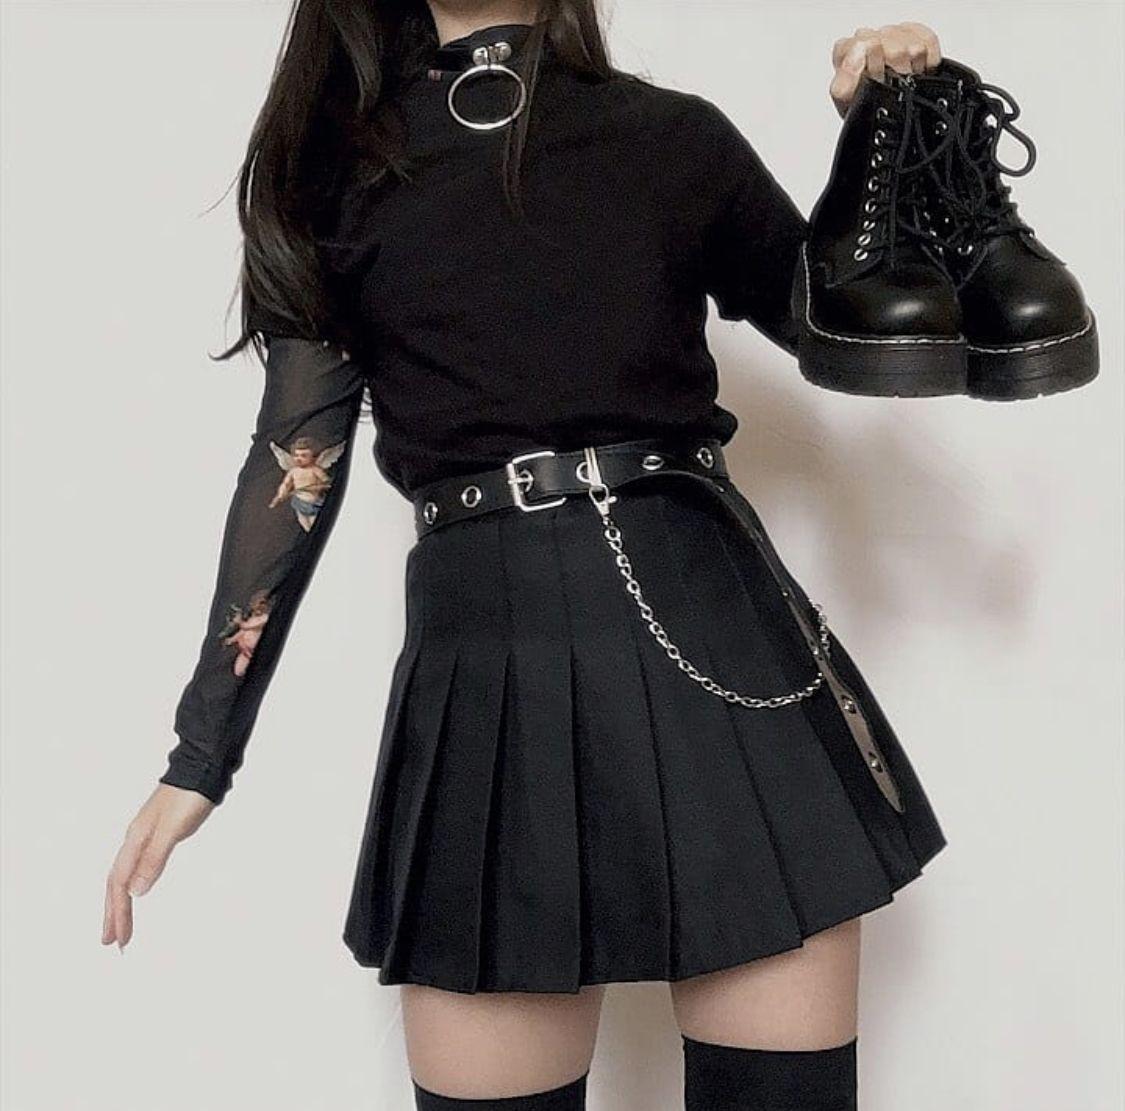 Czarna Tennis Skirt Ze Szlufkami In 2020 Tennis Skirt Outfit Black Skater Skirt Outfit Womens Skirt Outfits